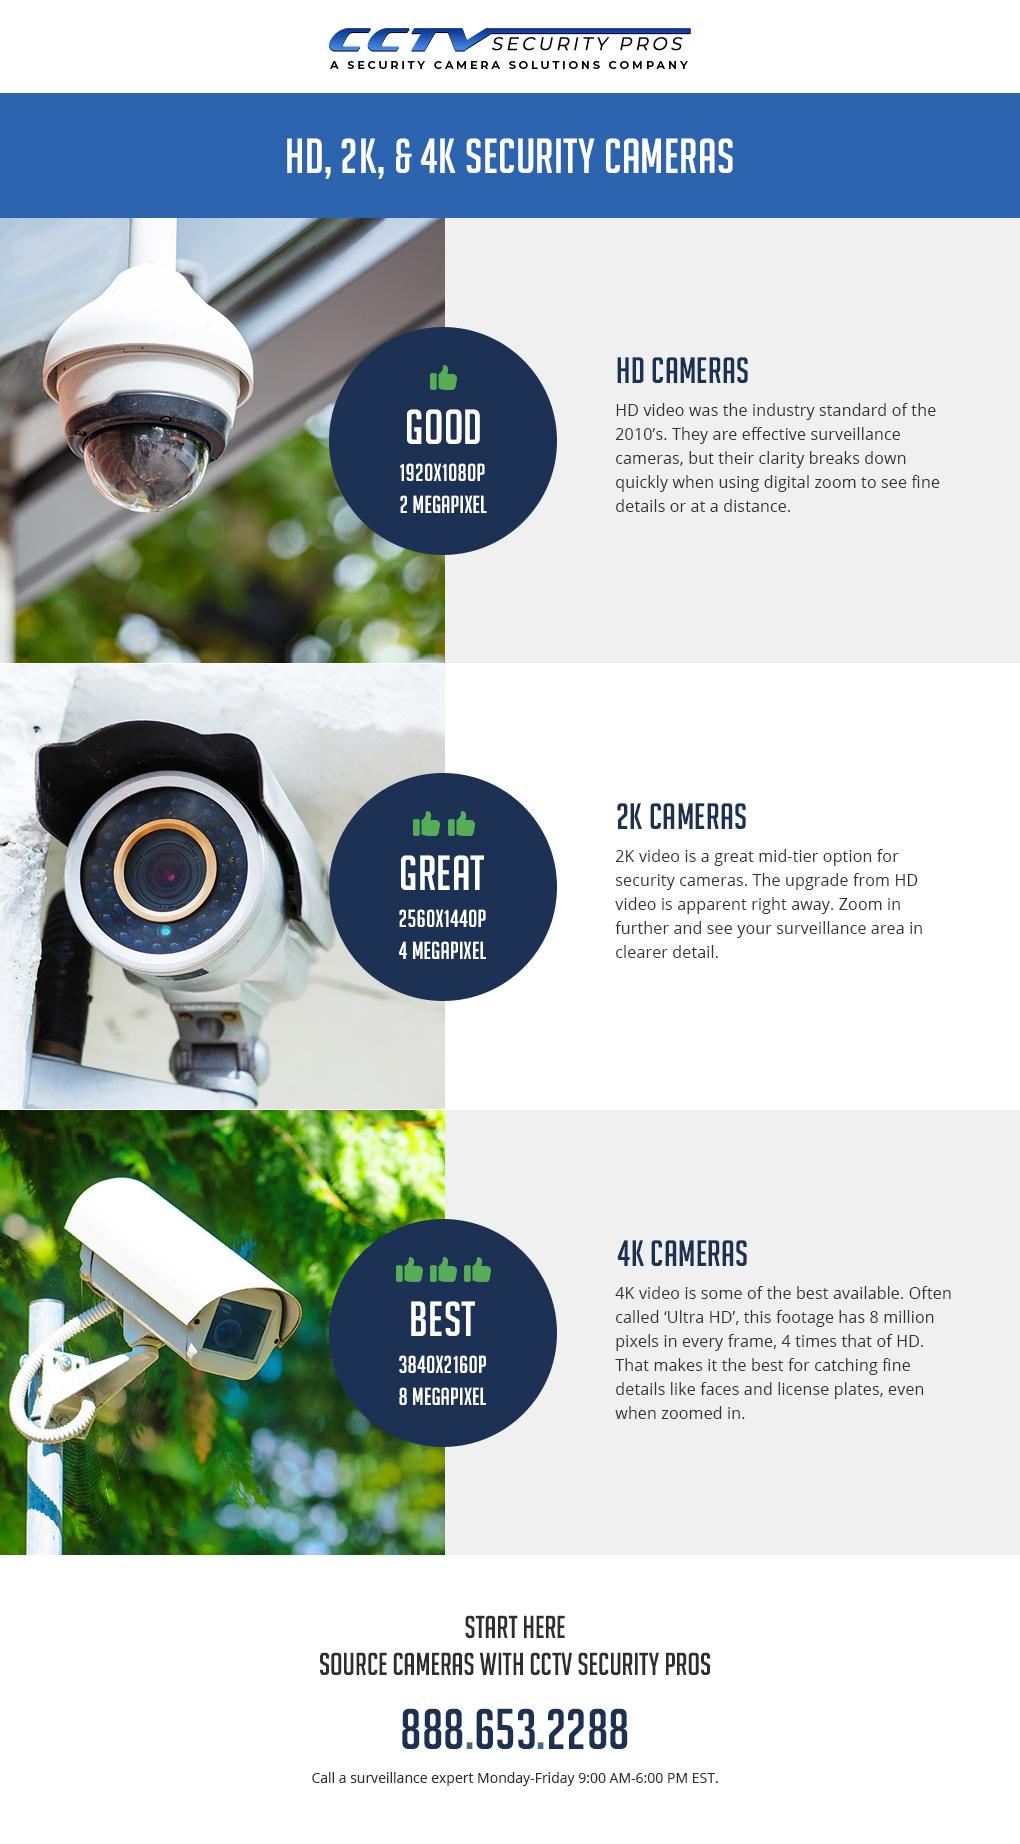 2K-vs-4K-security-cameras